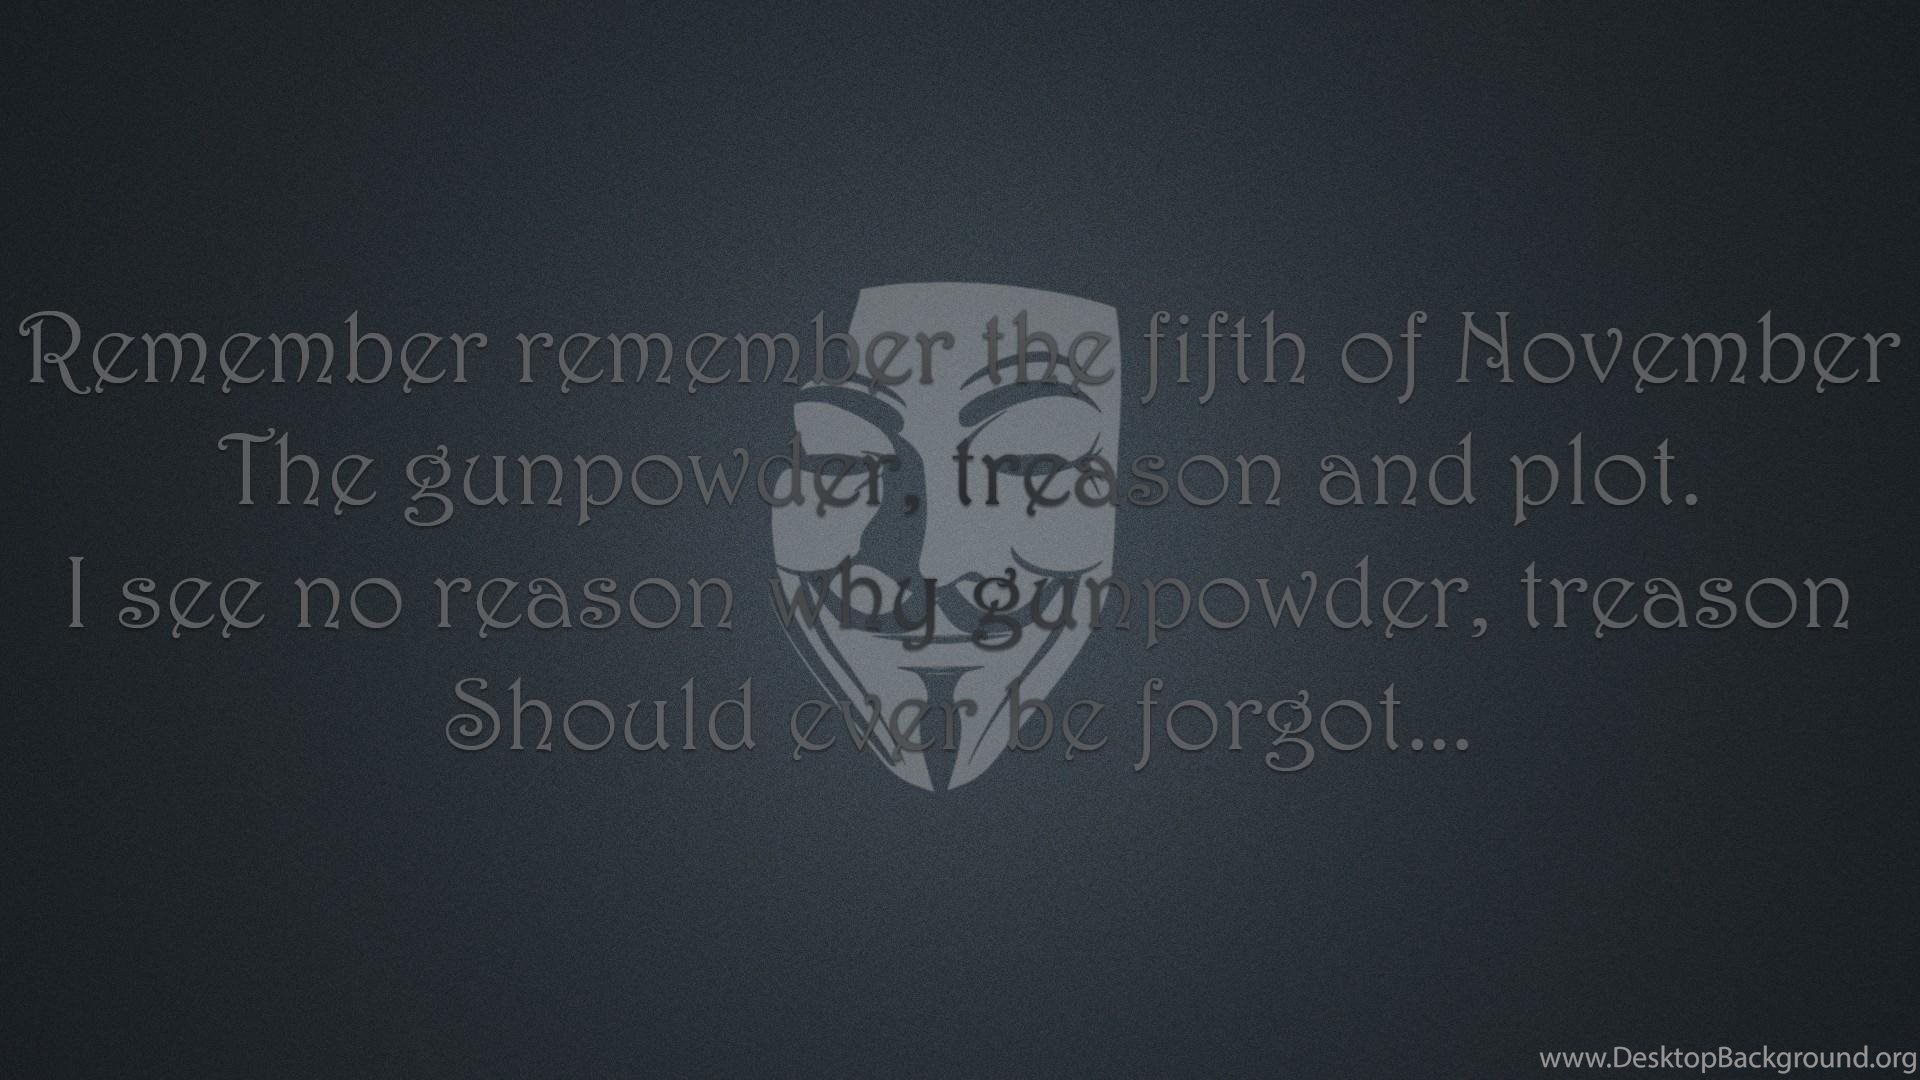 Quotes Typography Poem November V For Vendetta Wallpapers Desktop